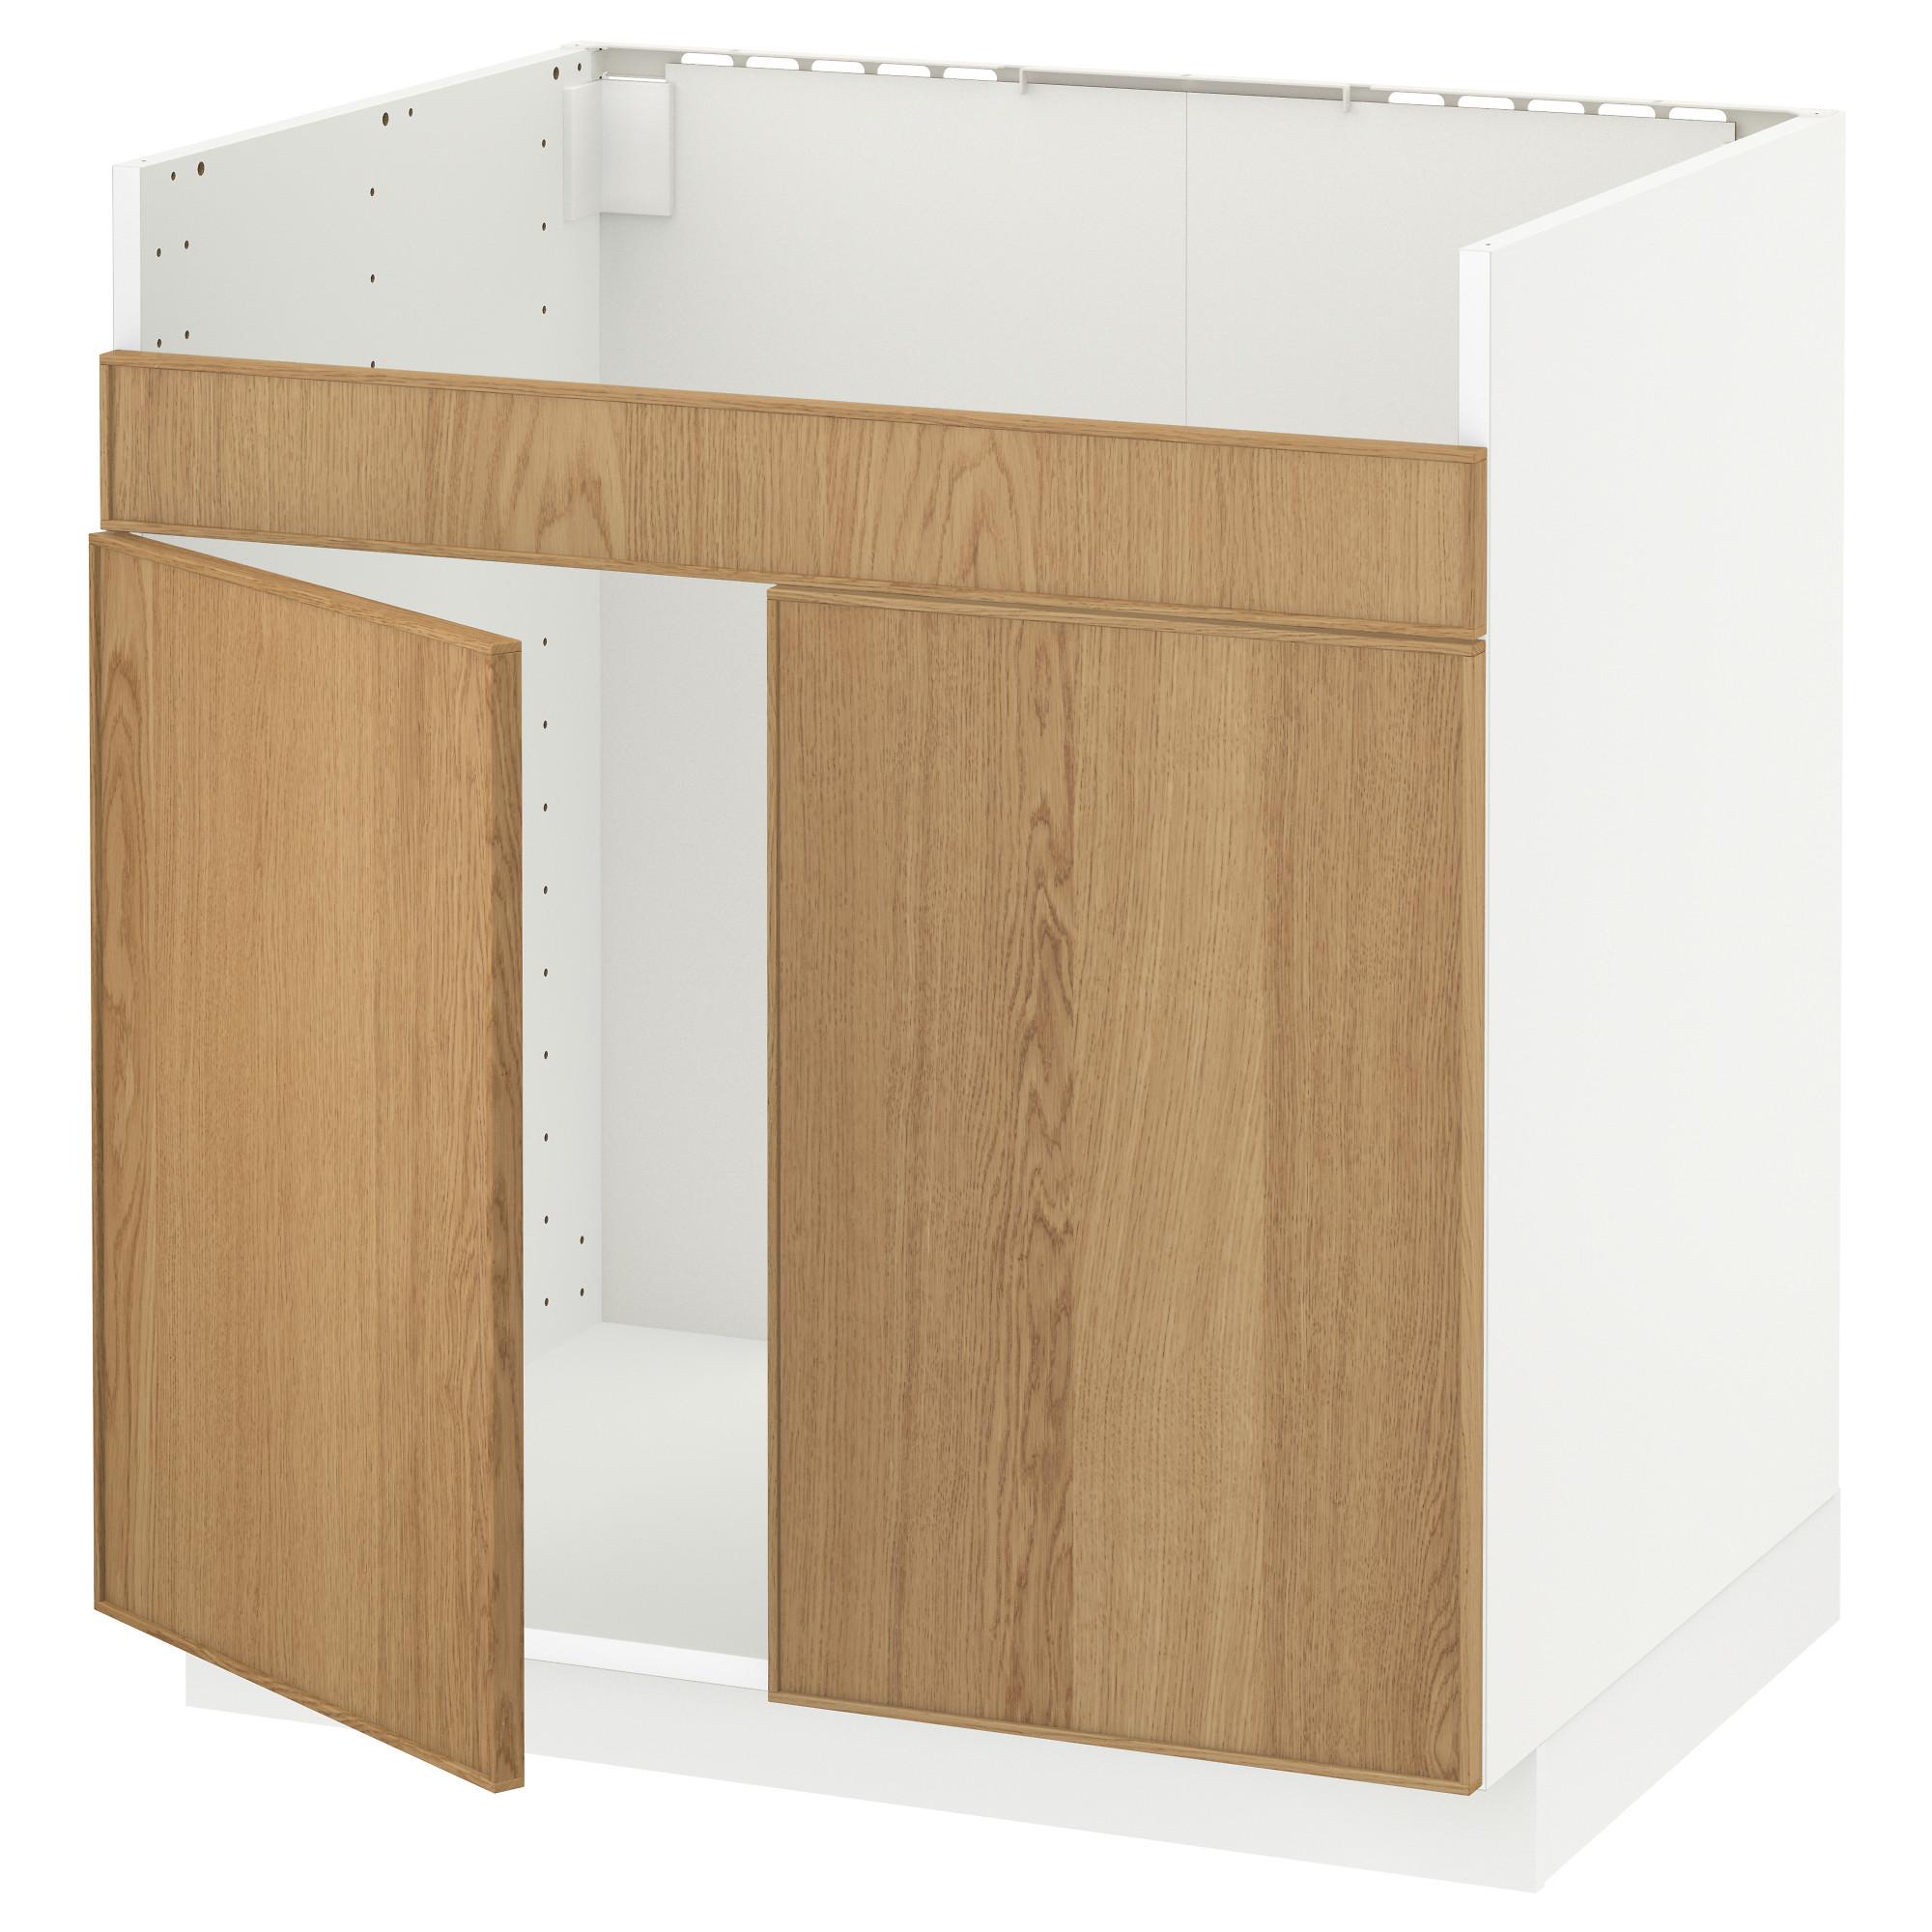 Напольный шкаф для двойной мойки ДУМШЁ МЕТОД белый артикуль № 592.255.35 в наличии. Интернет сайт IKEA Беларусь. Быстрая доставка и монтаж.